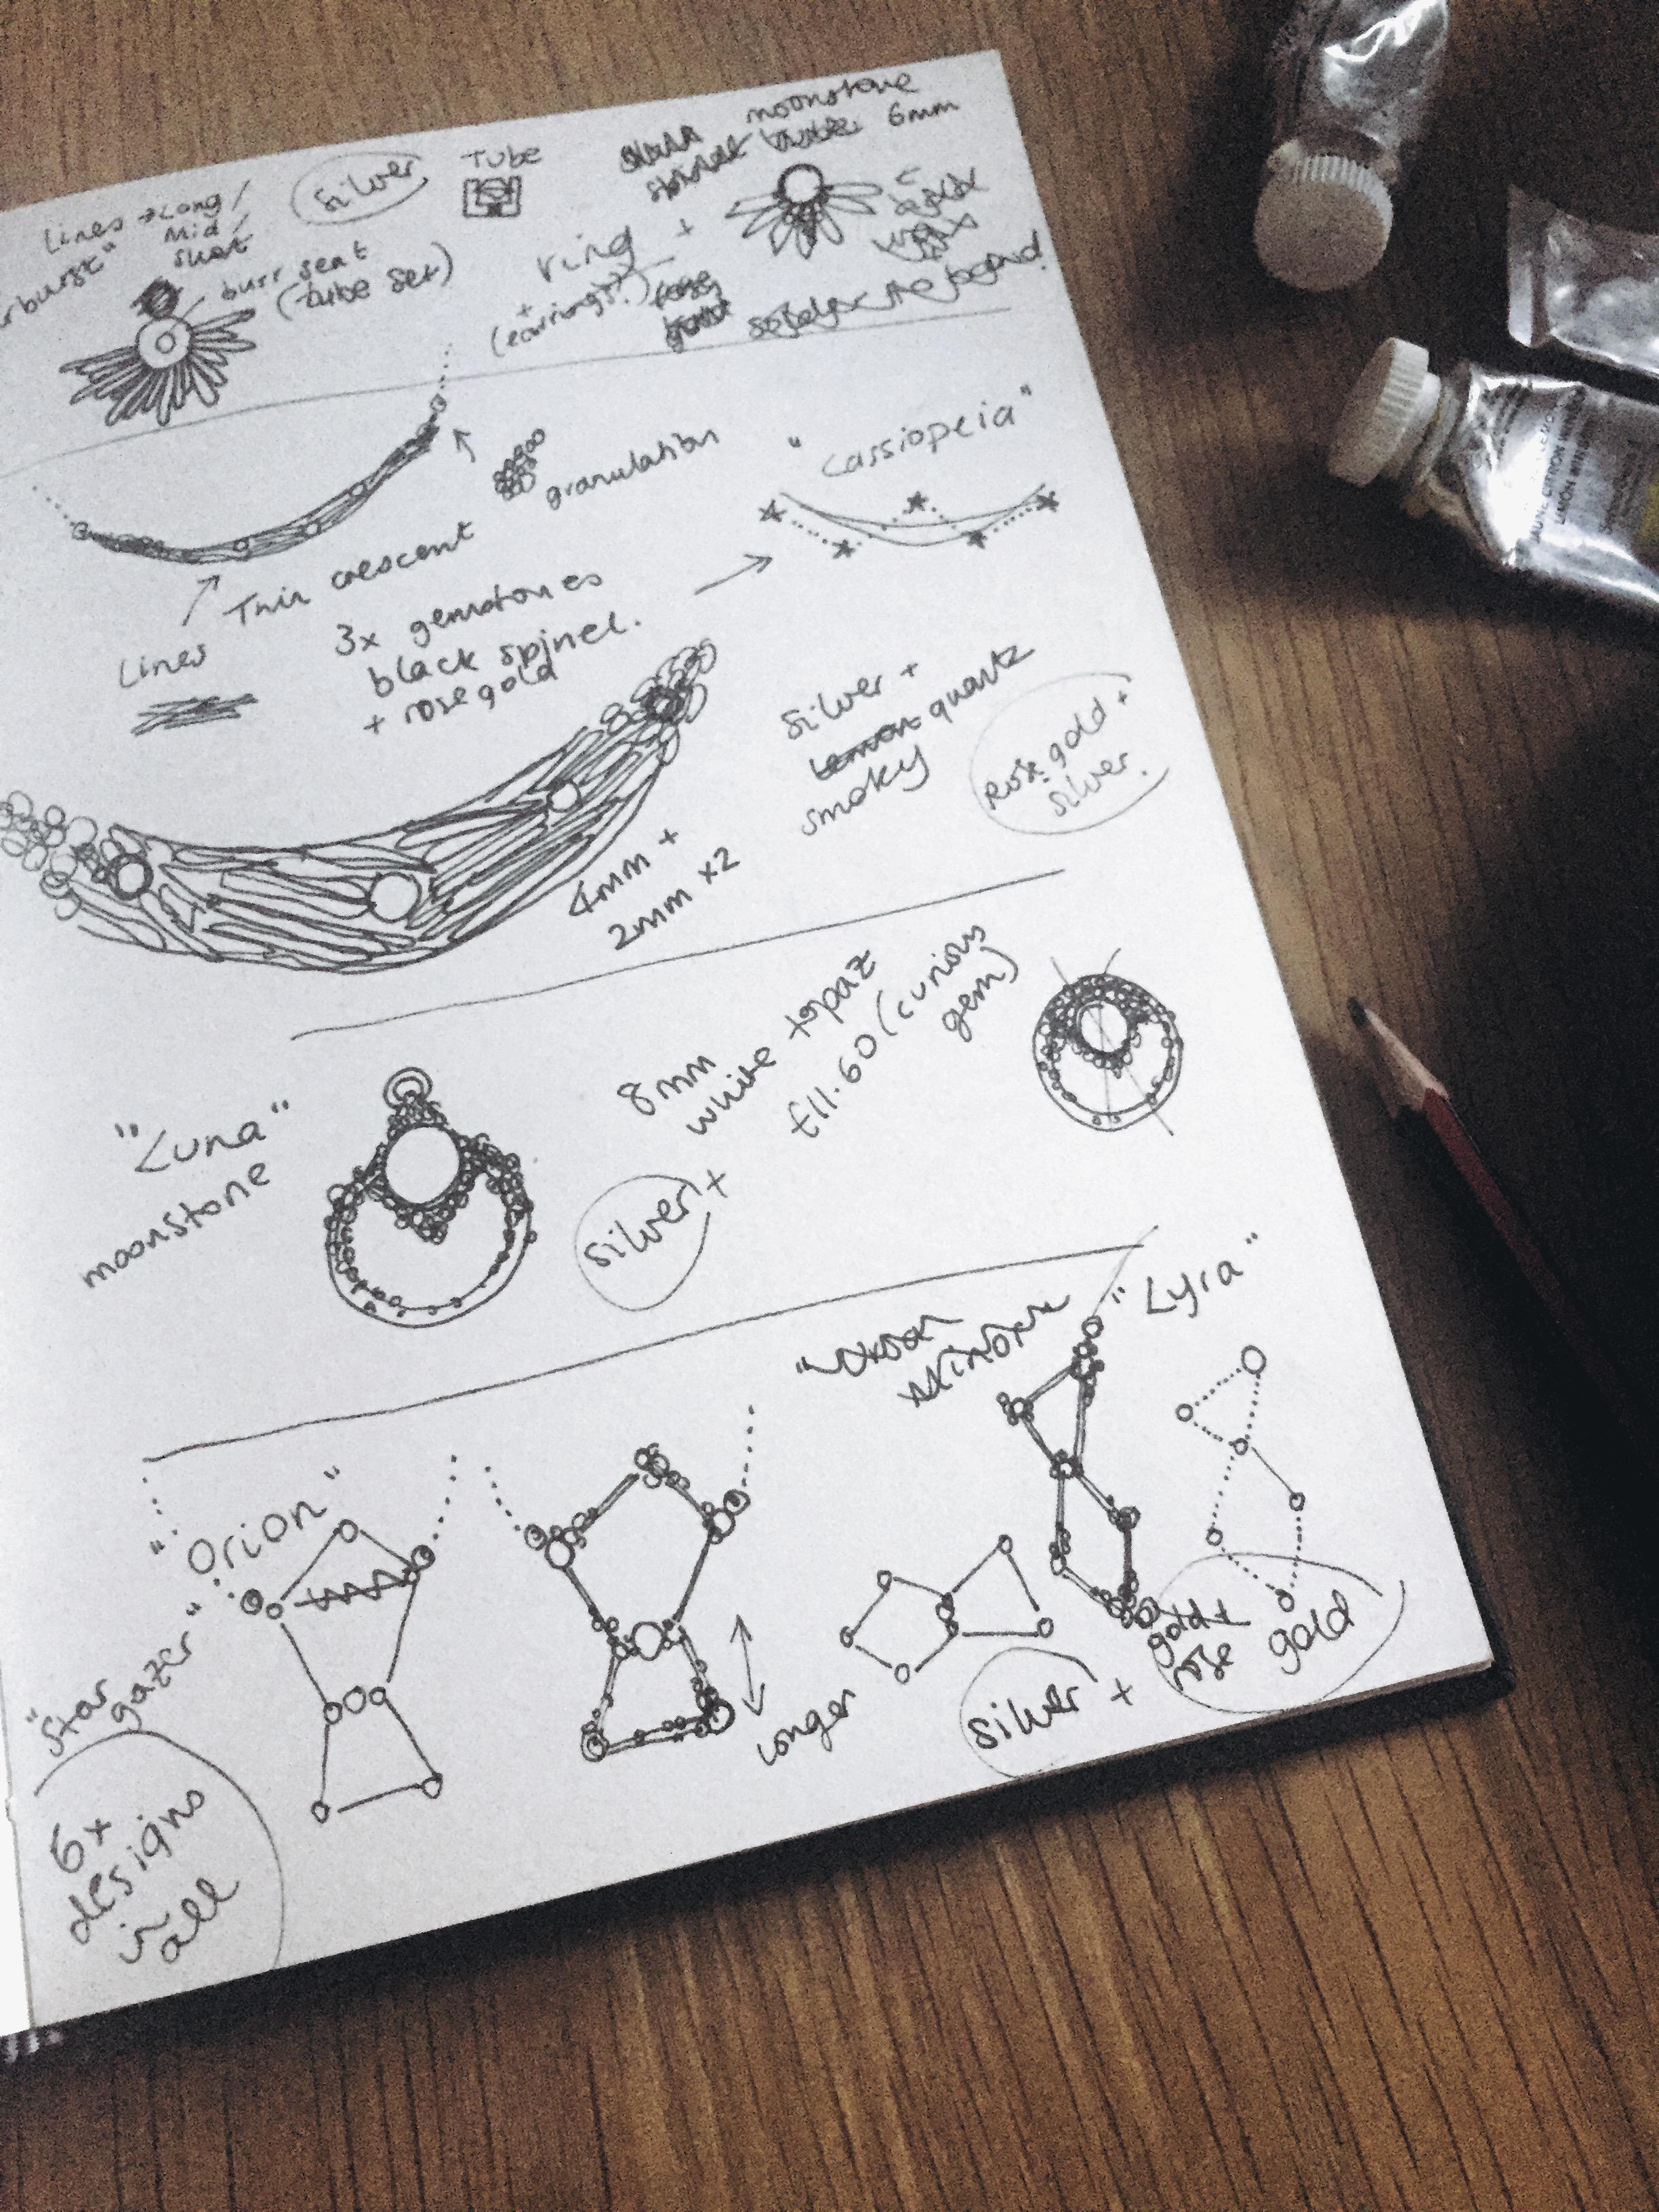 My ugly sketchbook!